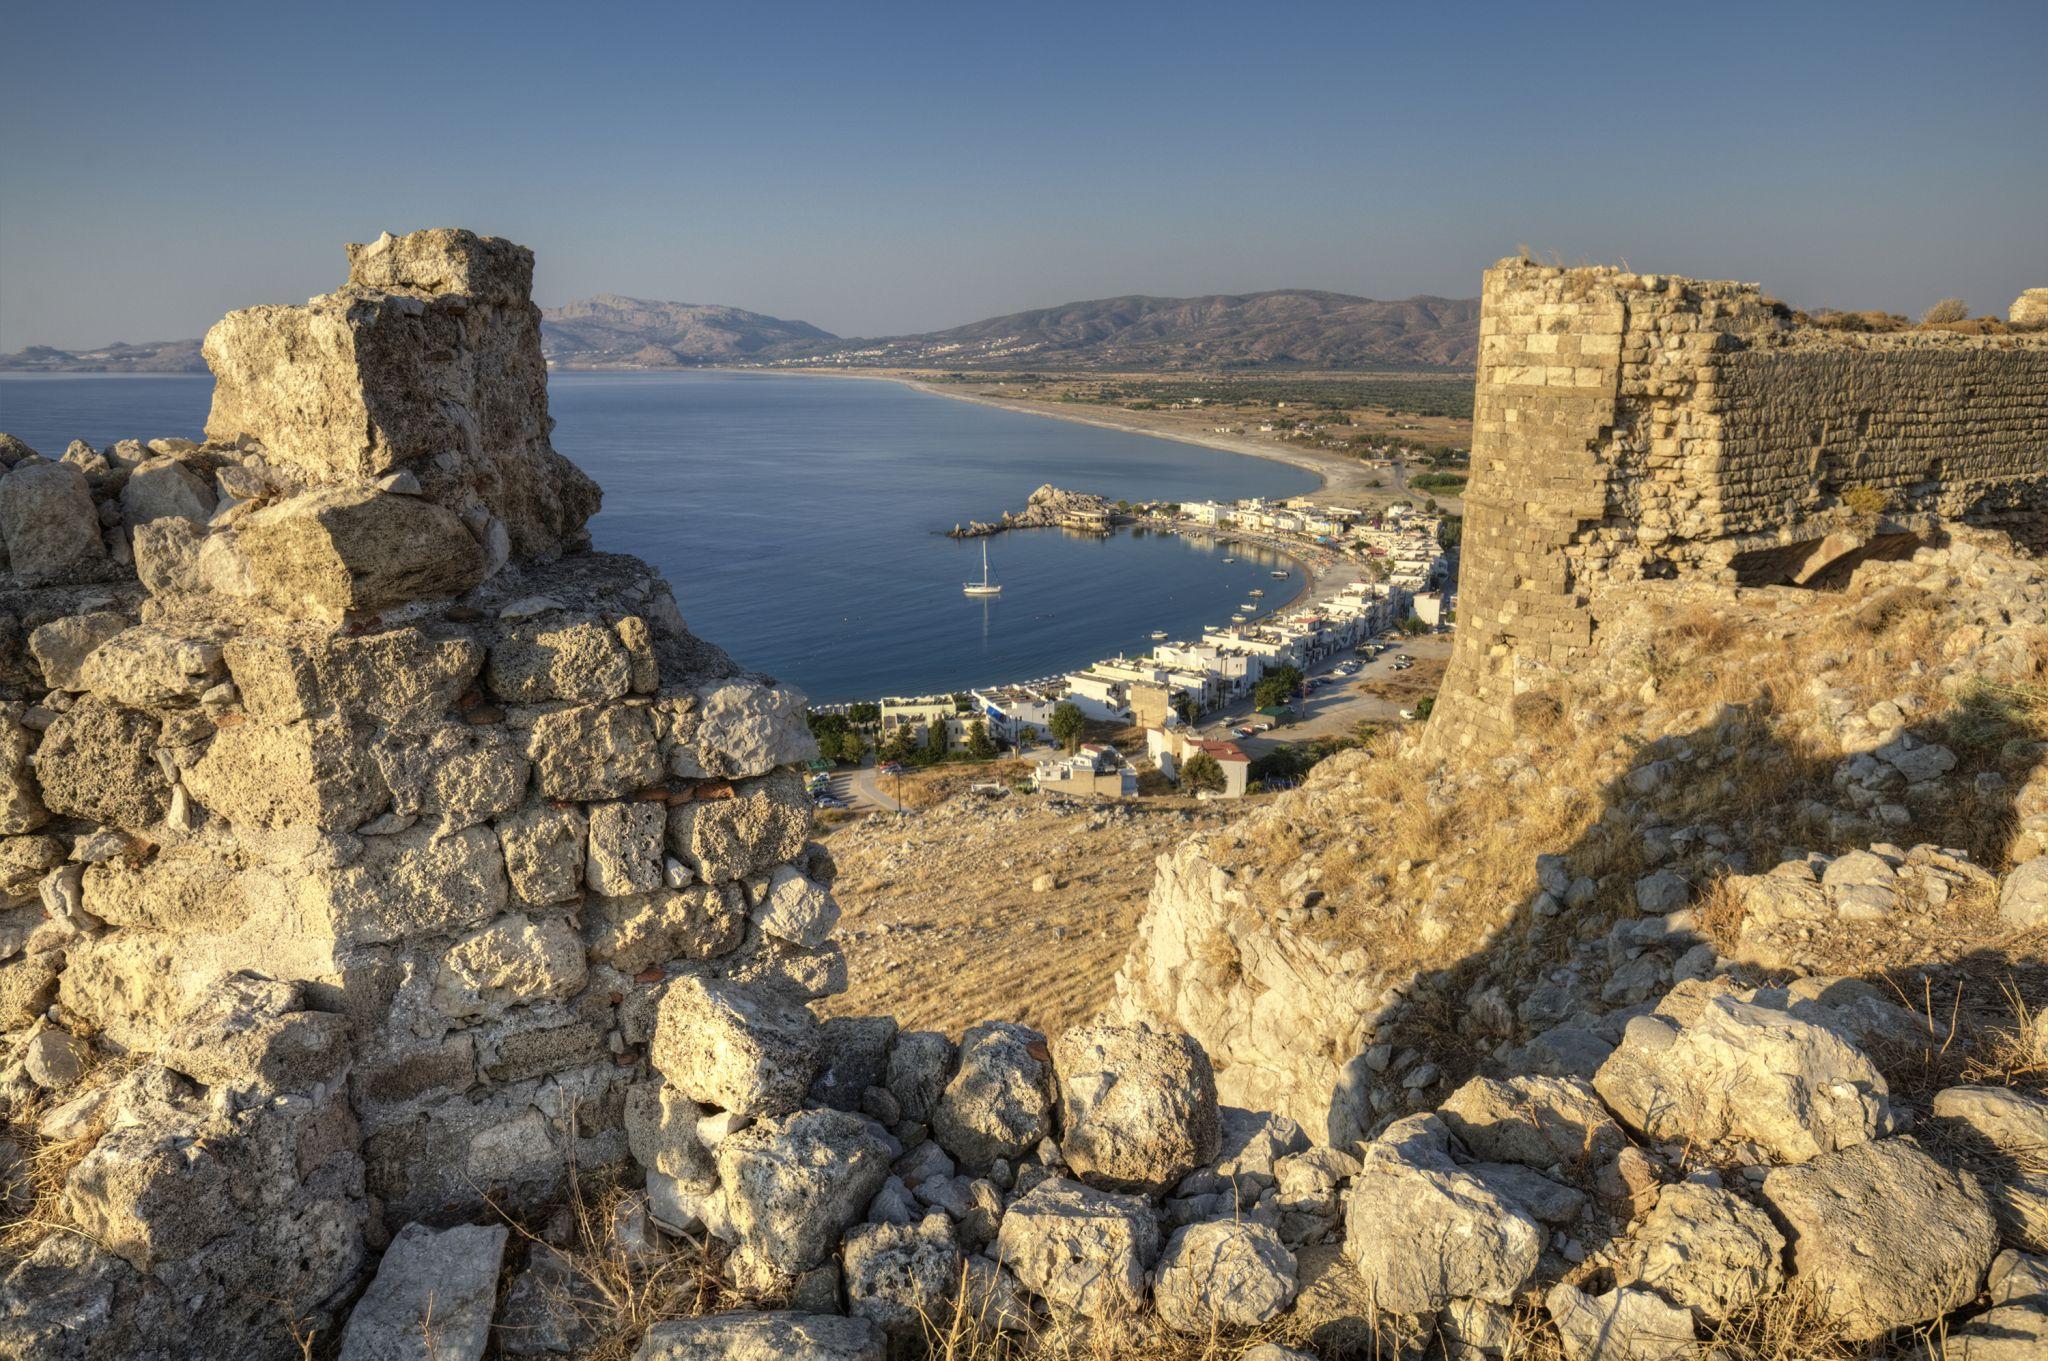 Feraklos castle ruins, Greece